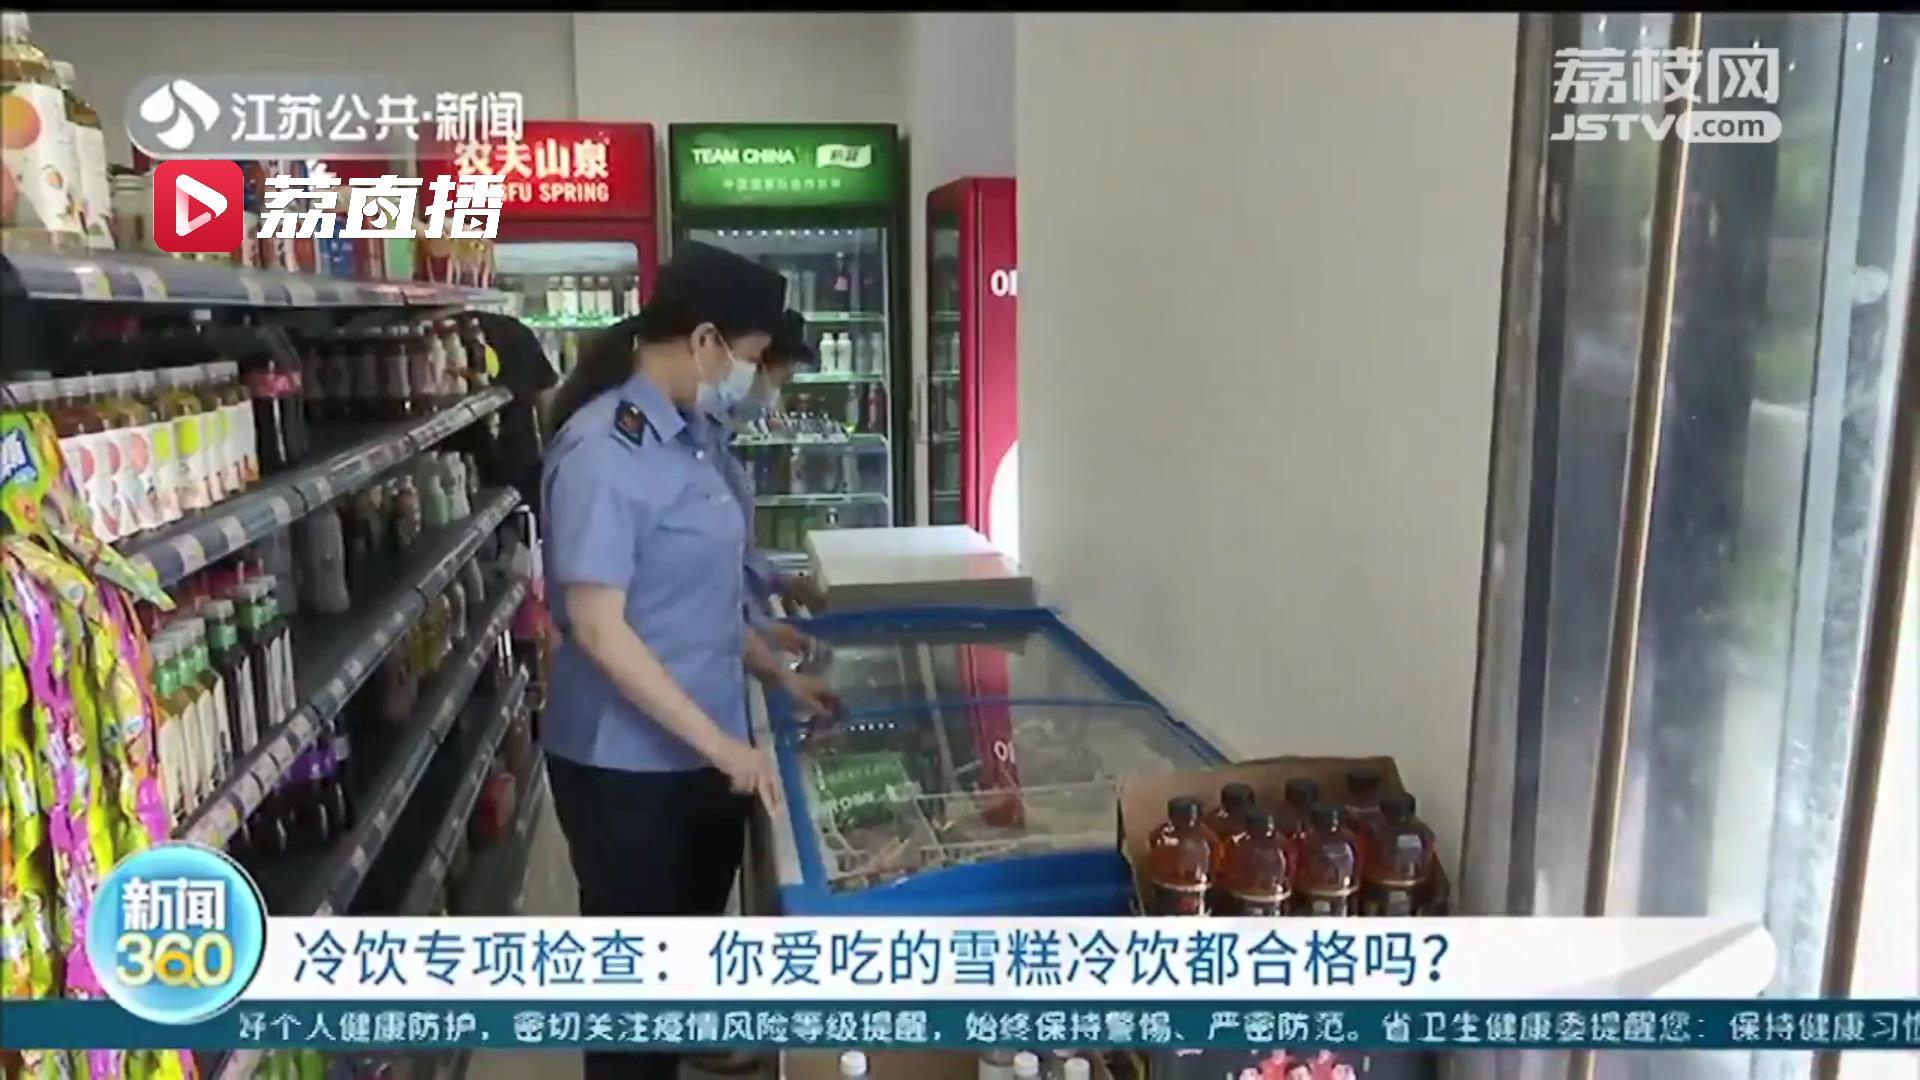 南京对夏季食品开展专项检查 1批次冷冻饮品不合格